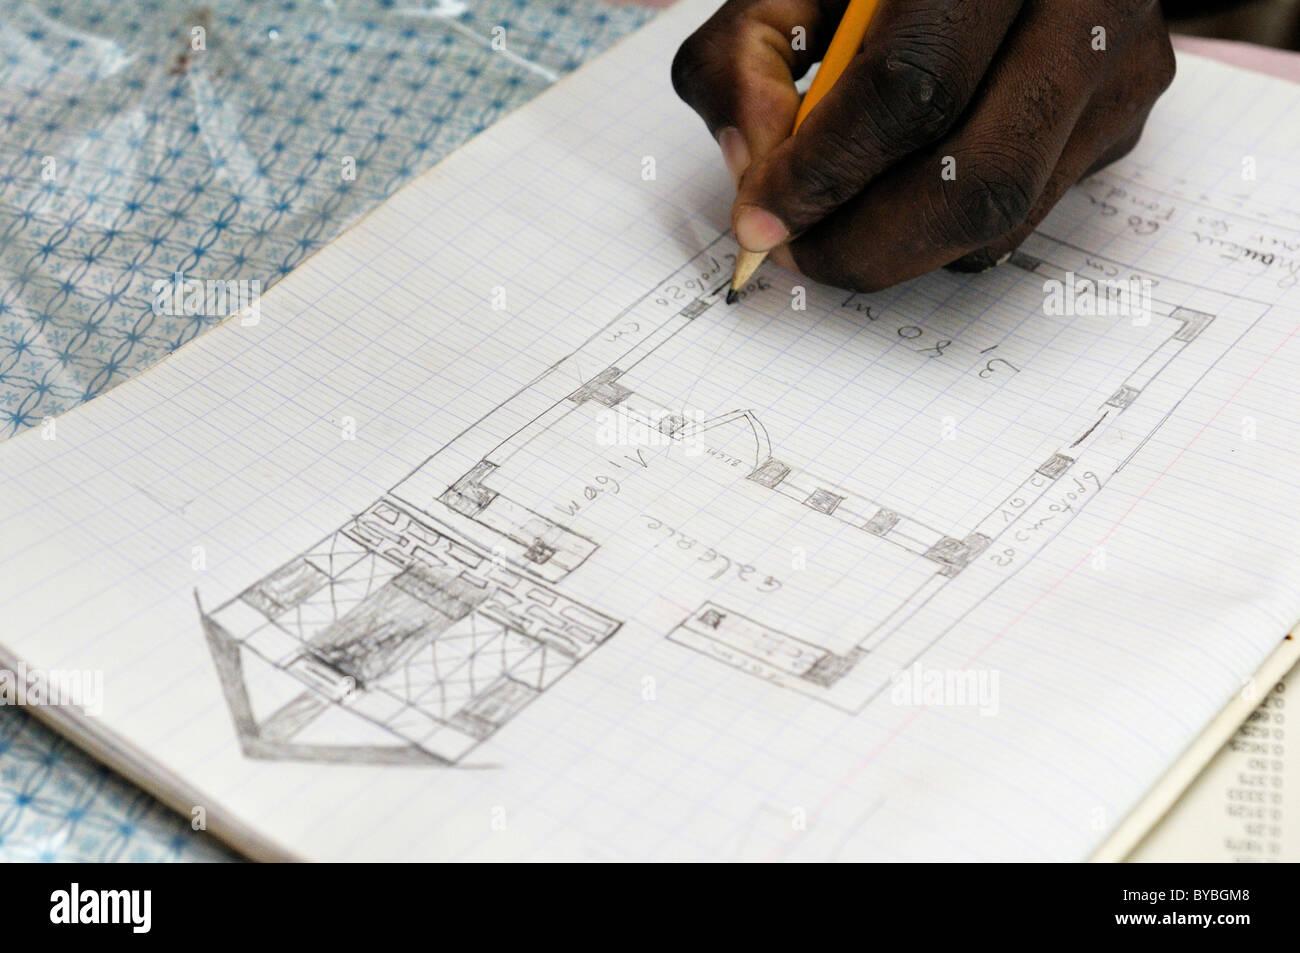 Architektur Student Zeichnen Ein Diagramm Von Einem Haus Erdbebensicher Mit Fachwerkkonstruktion Sie Werden Durch Eine Deutsche Hilfe Ausgebildet